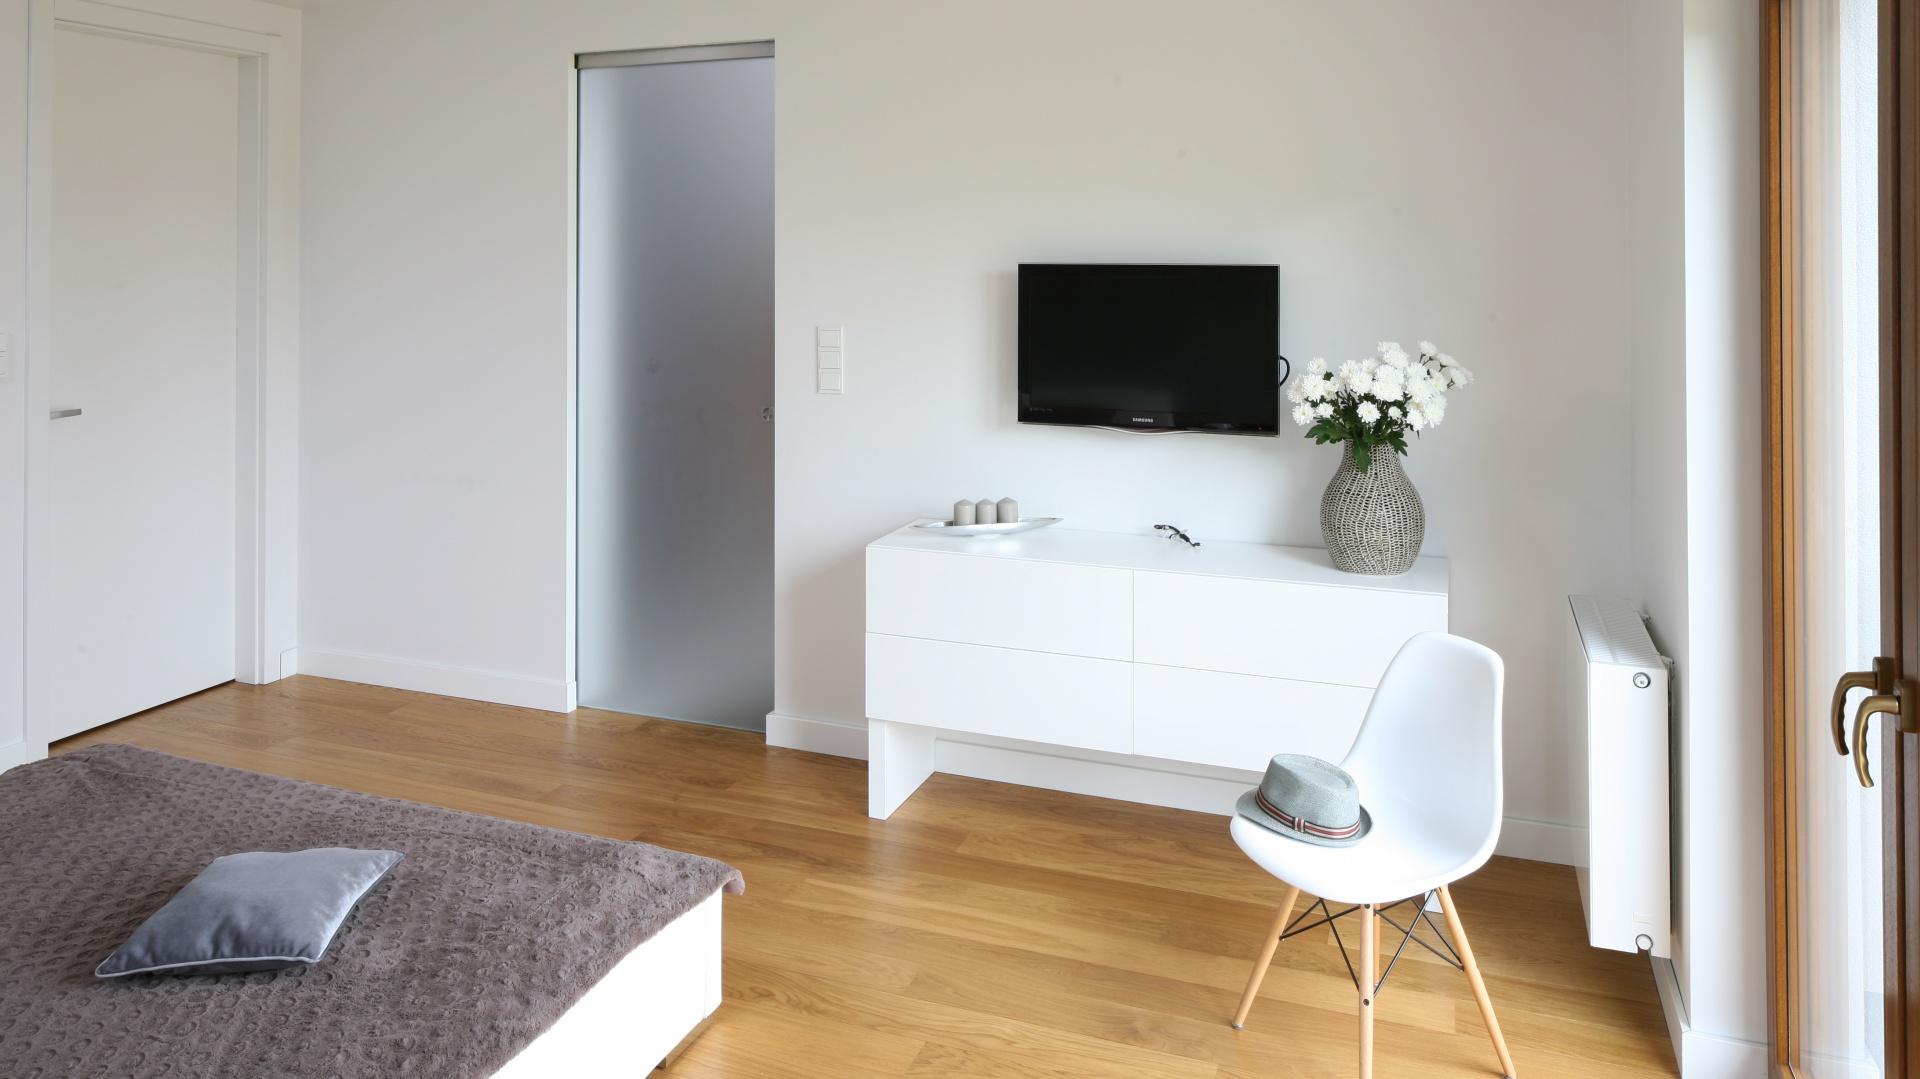 Białe, nowoczesne meble...  Szary w sypialni. Najciekawsze pomysły na aranżację  Strona: 8